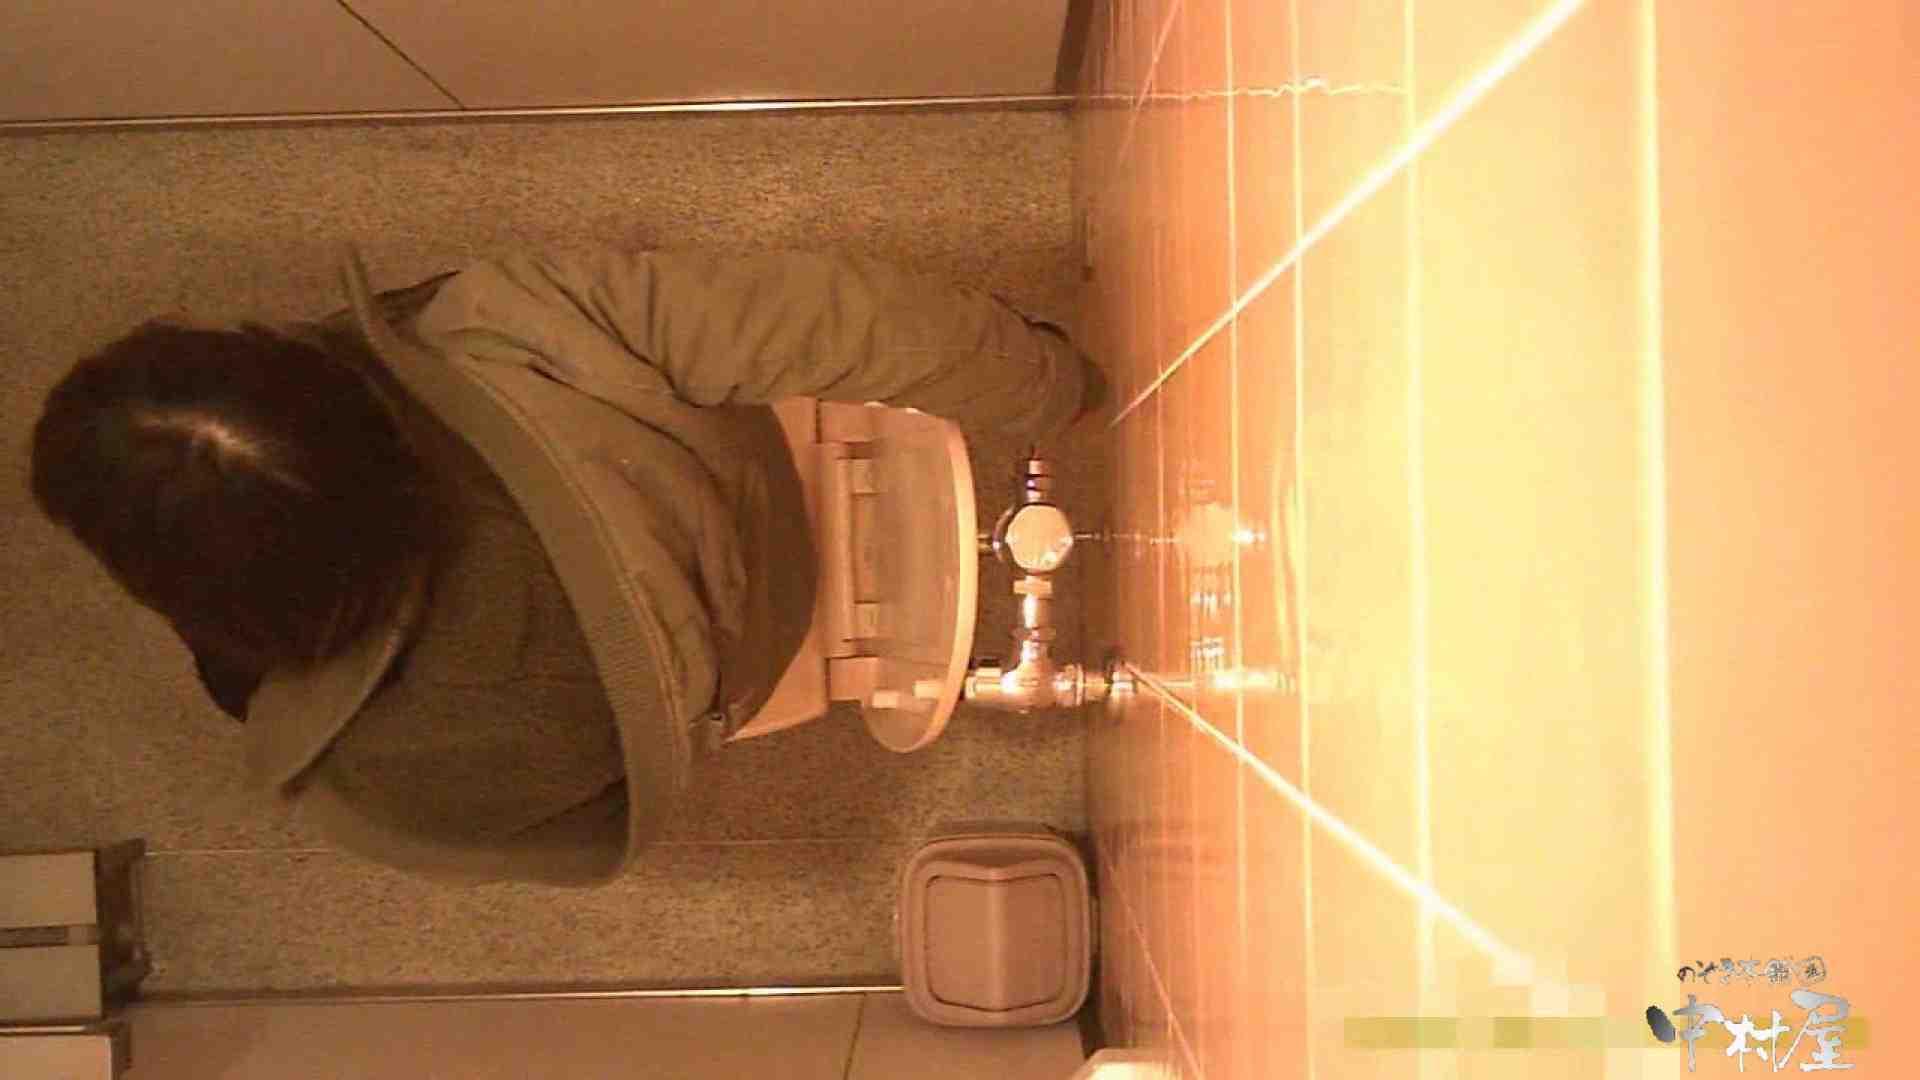 初盗撮!女盗撮師カレンさんの 潜入!女子トイレ盗撮!Vol.5 潜入 | 綺麗なOLたち  79枚 25